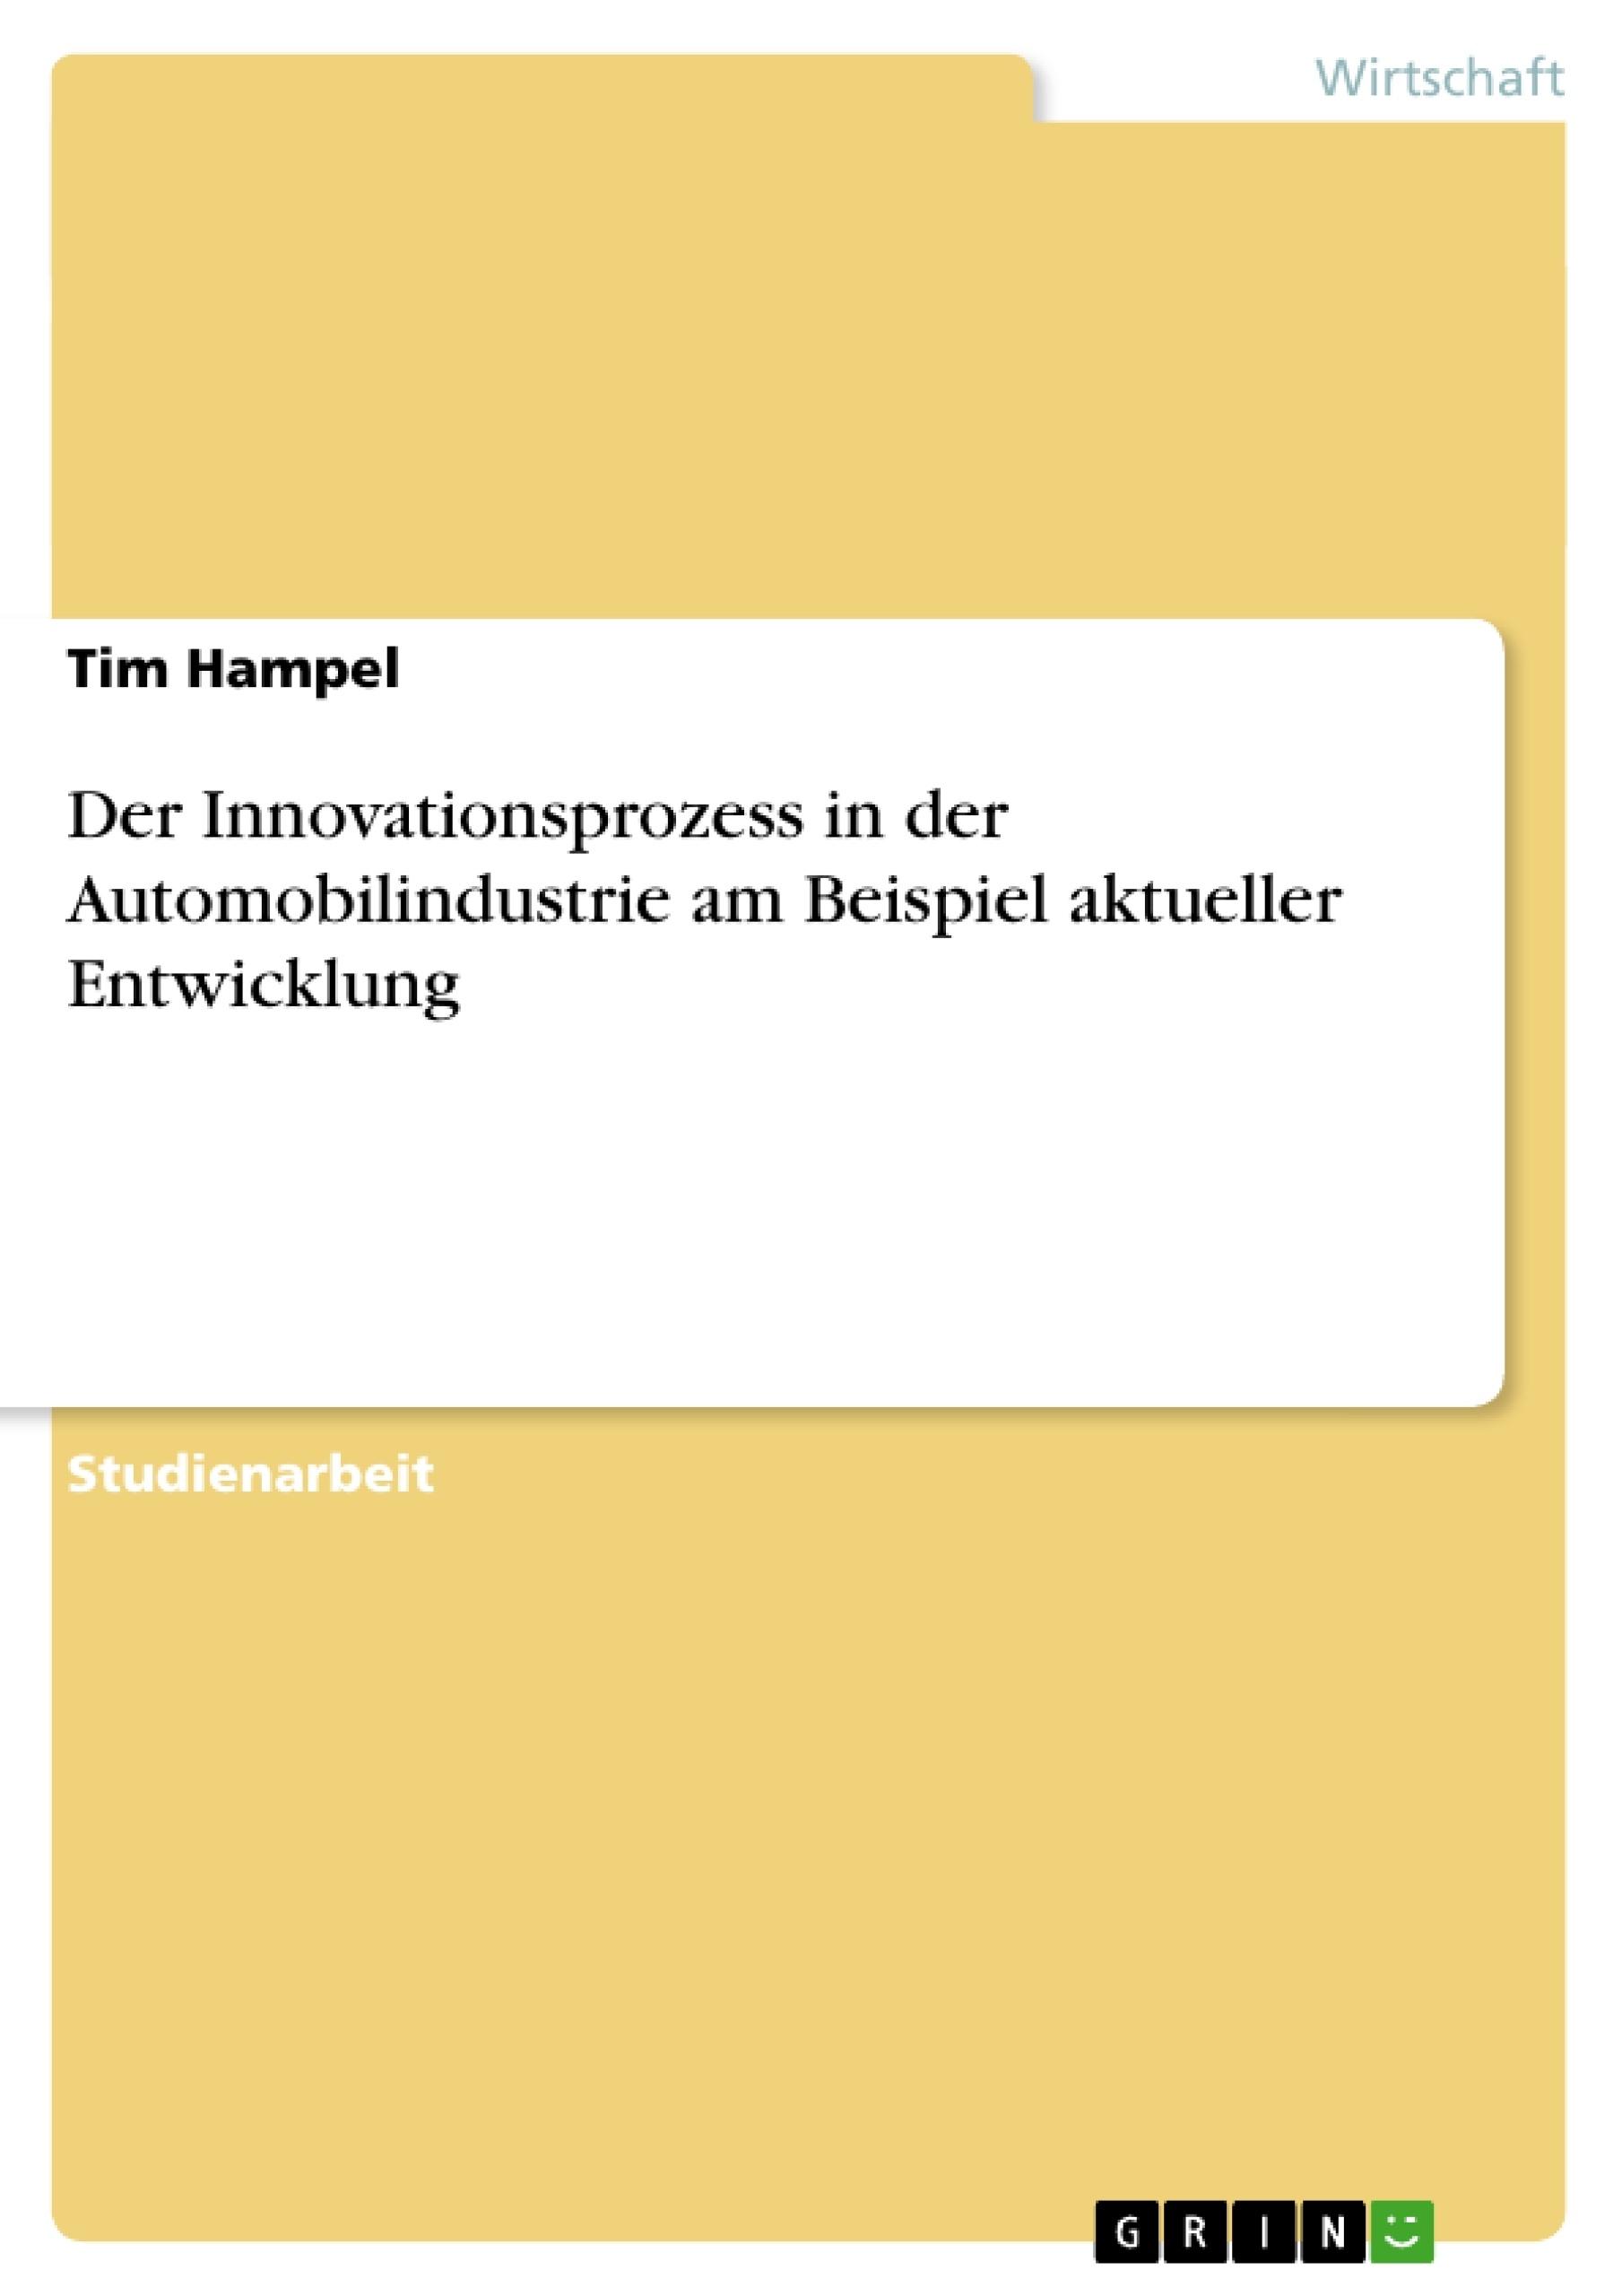 Titel: Der Innovationsprozess in der Automobilindustrie am Beispiel aktueller Entwicklung